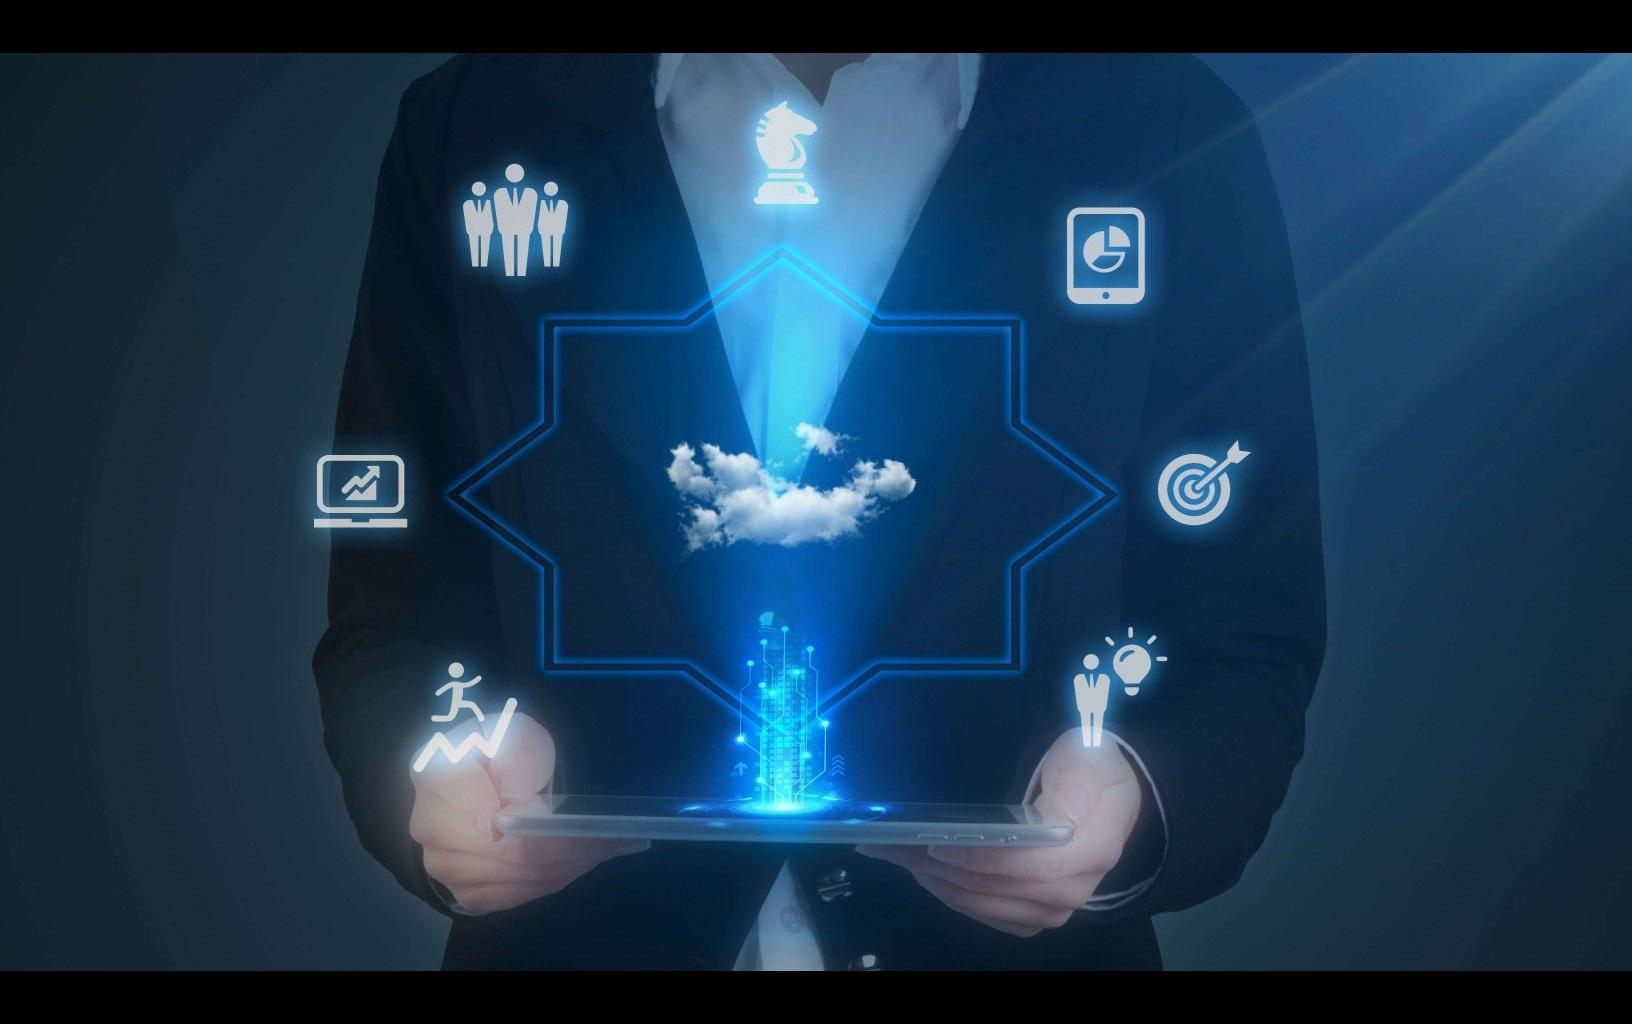 深信服同架构混合云,助力用户构建双模IT引擎